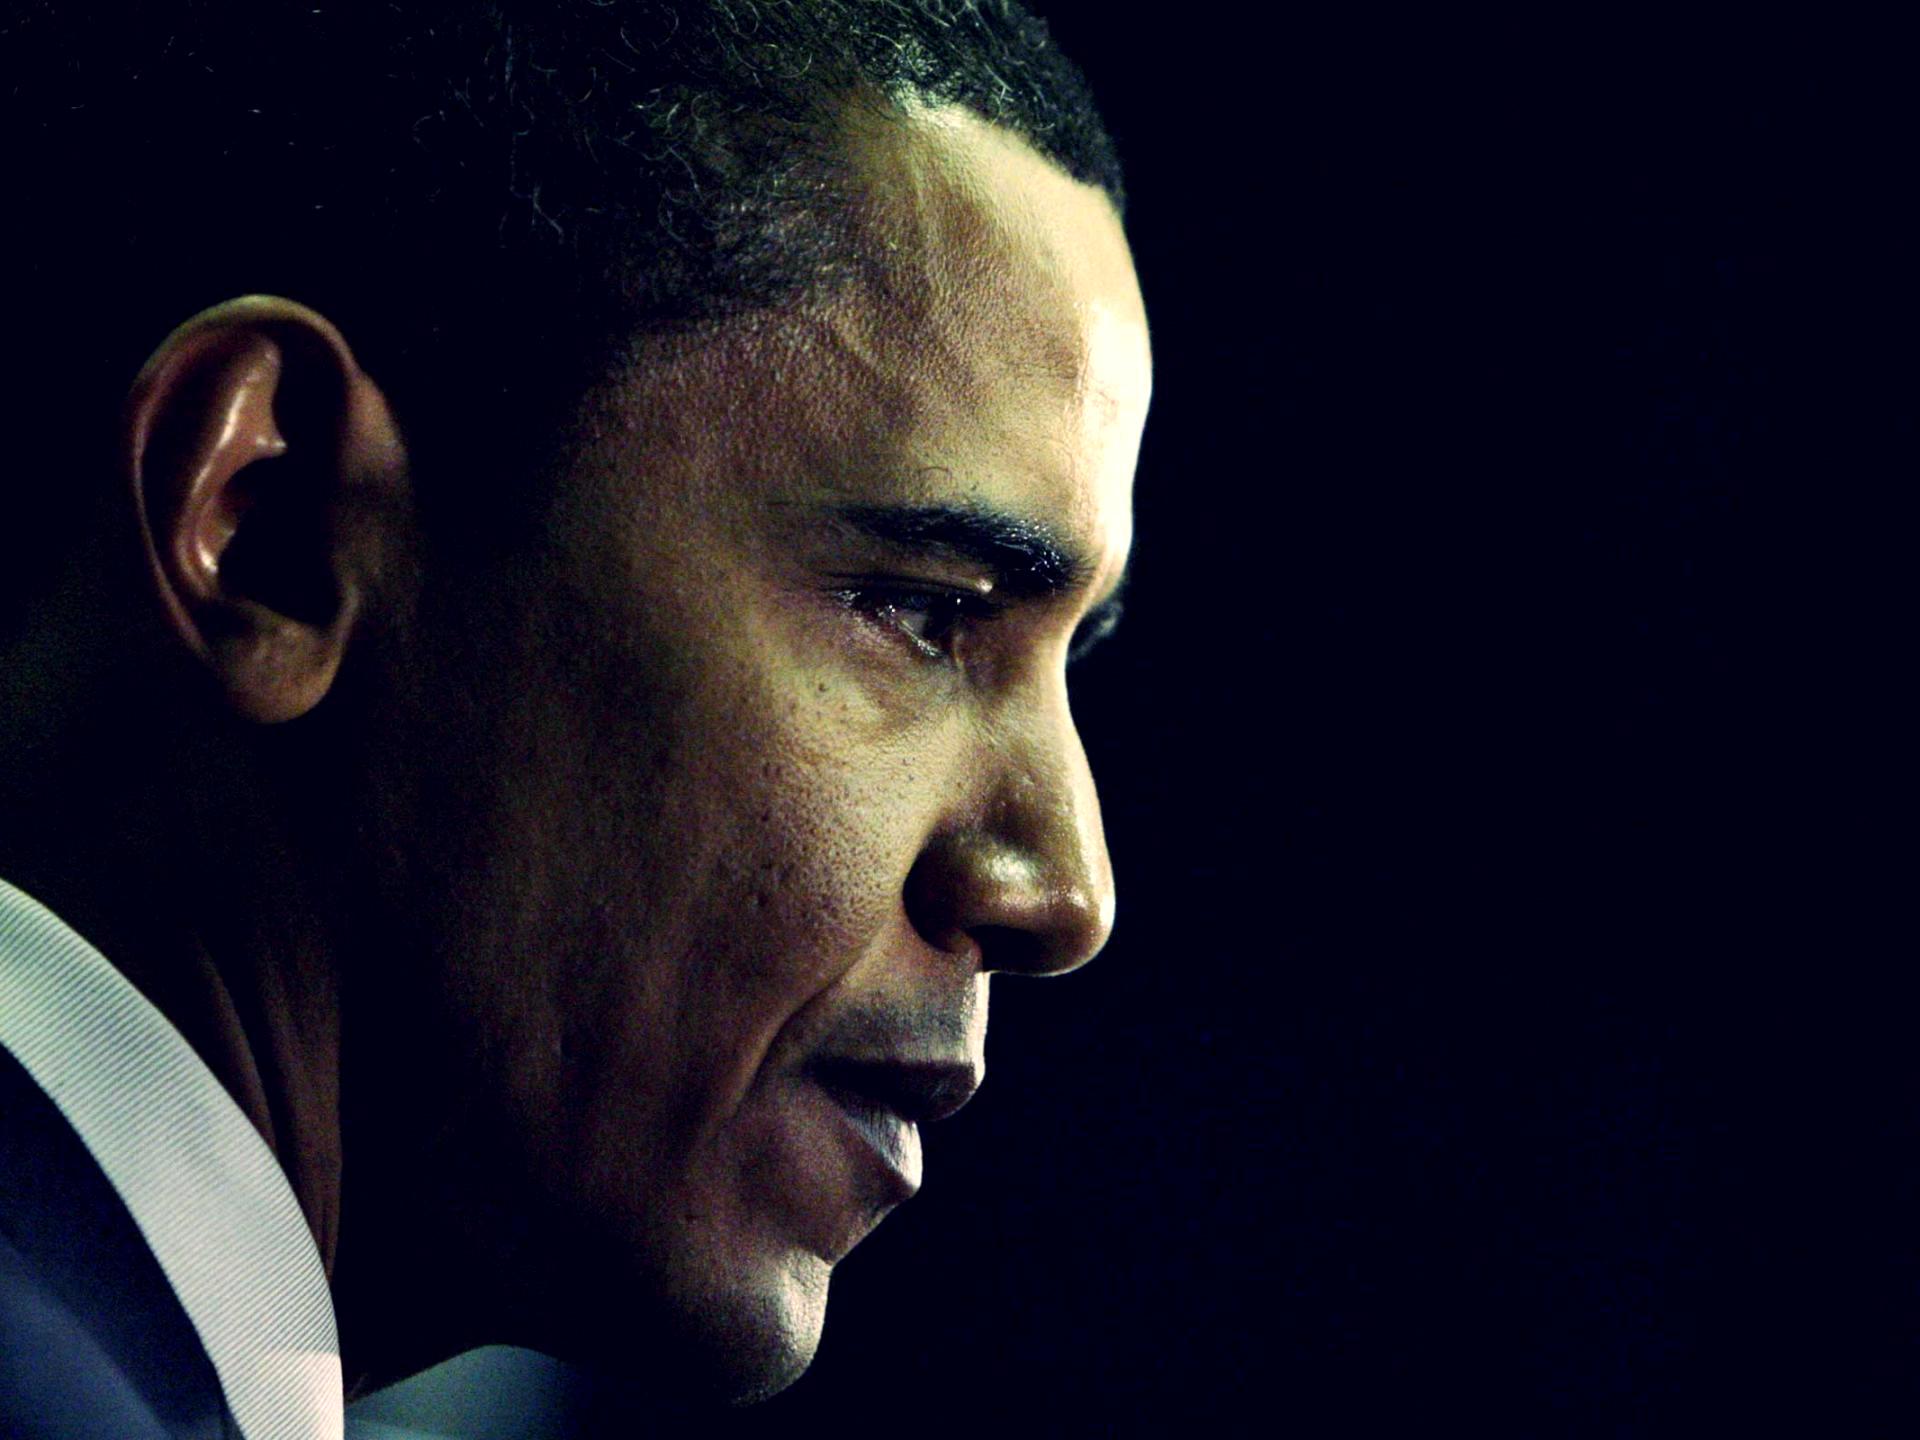 President Barack Obama HD Wallpaper